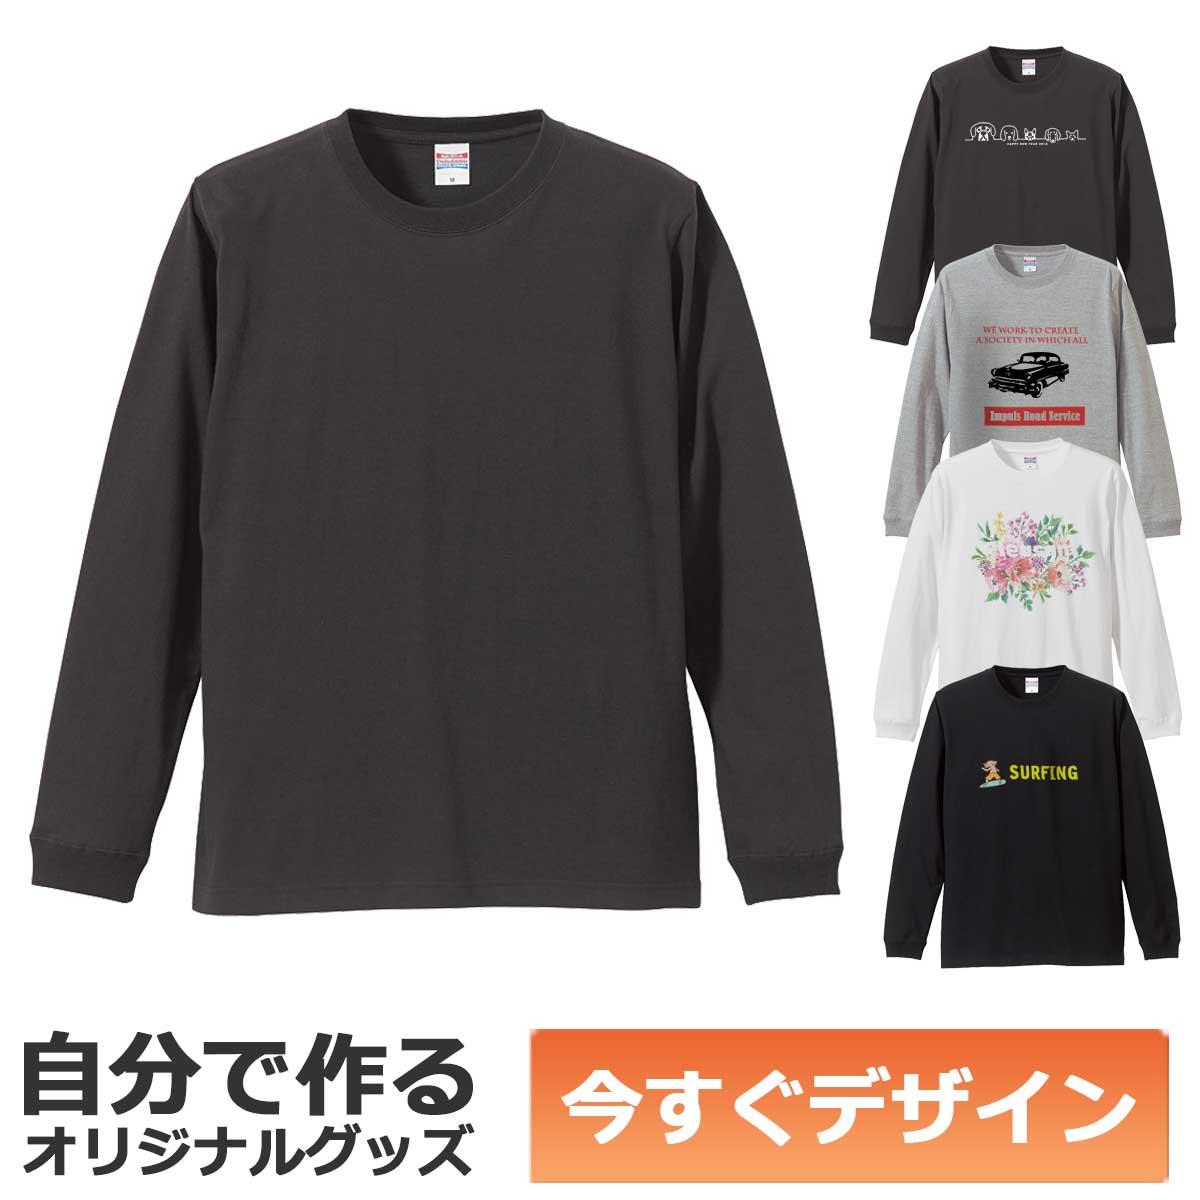 あす楽 名入れ 両面OK ギフト ペア チームTシャツ 即納可能 テレビで話題 ロングスリーブTシャツ メール便可 限定タイムセール 5.6oz スミ 自分でデザイン オリジナル 1枚から作れる